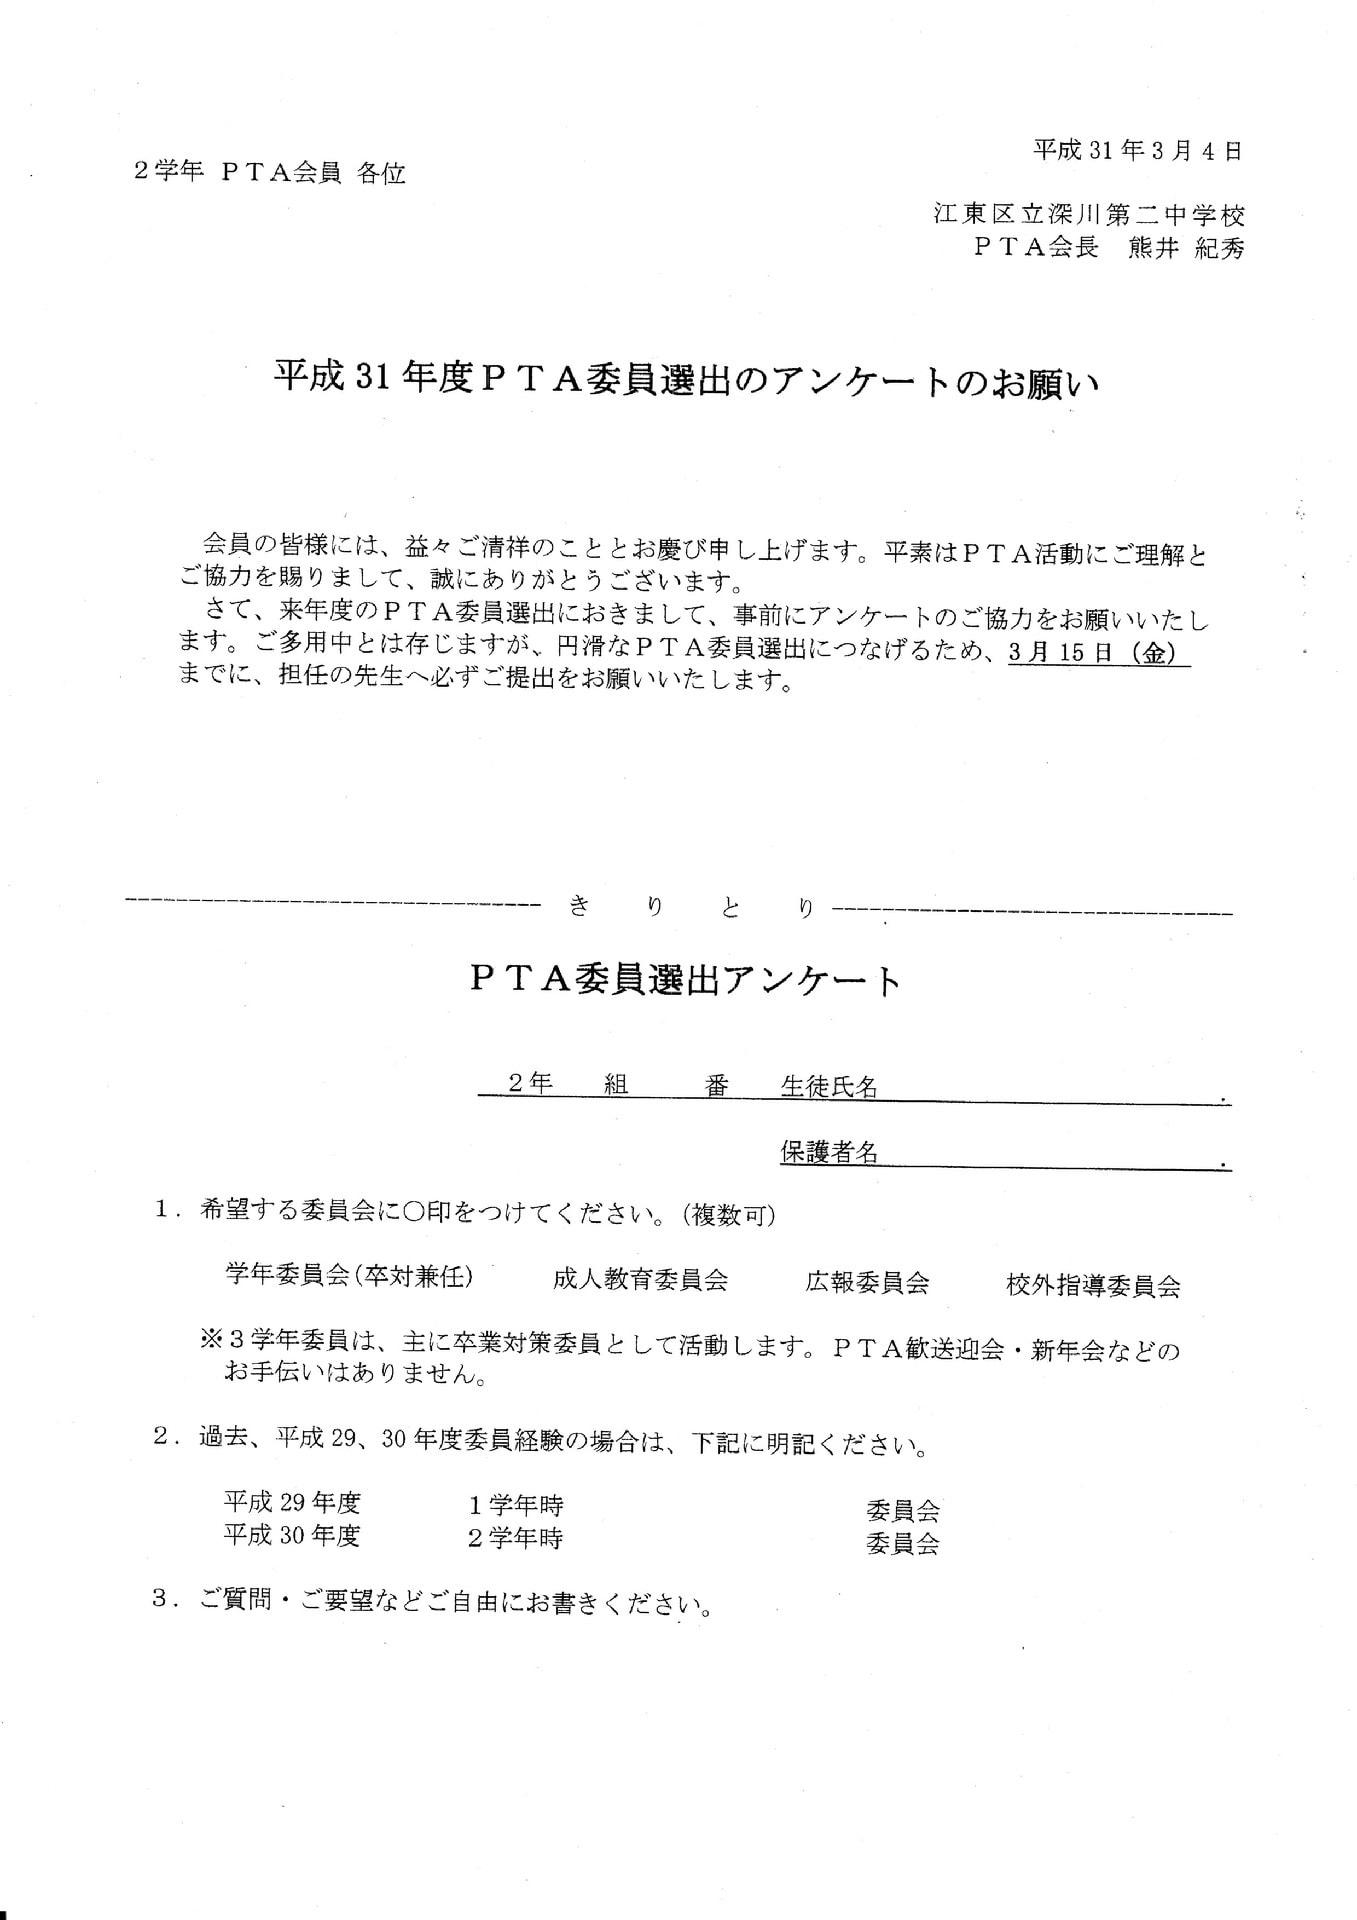 深川第二中学校PTA『PTAからのお知らせ&活動報告』